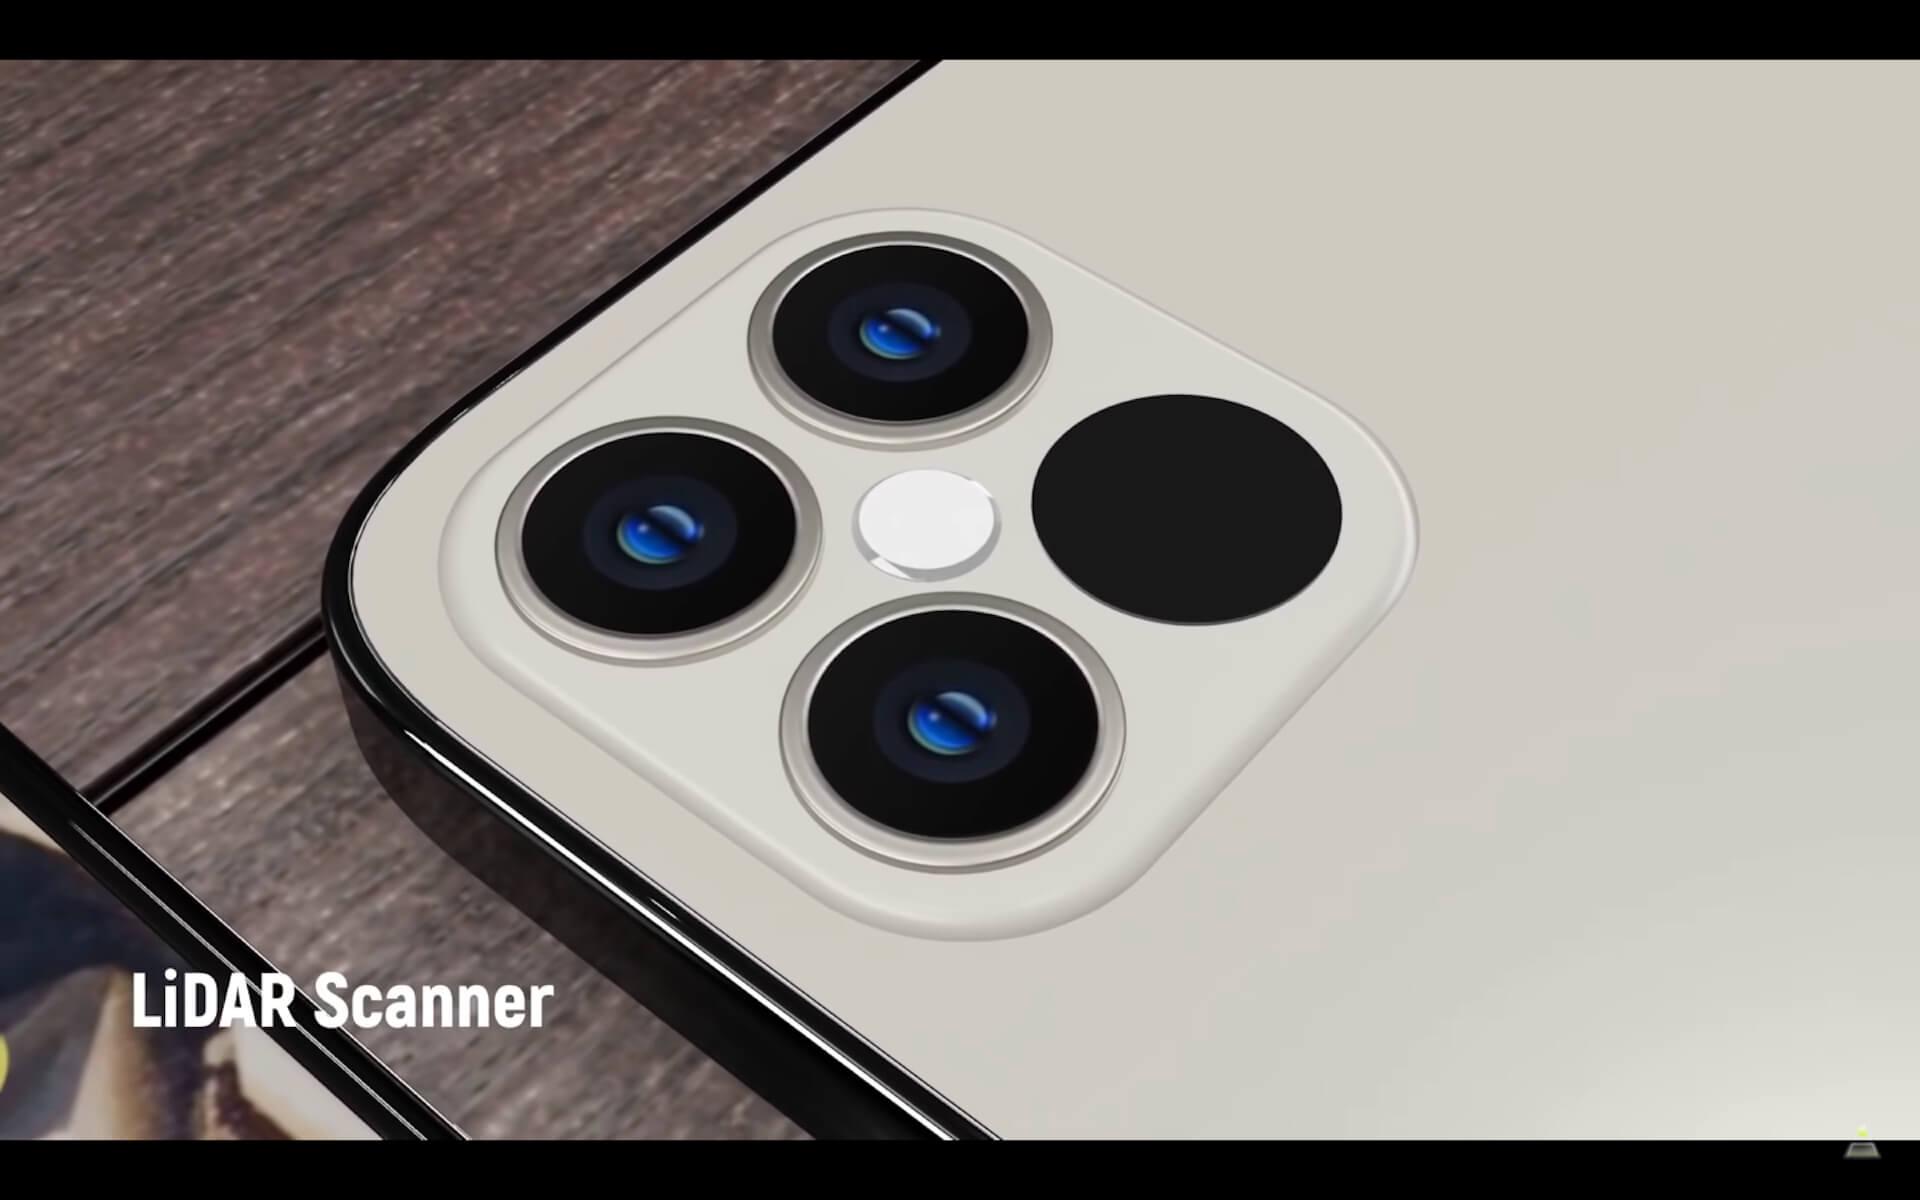 iPhone 12シリーズの新たなコンセプト映像が公開!豊富なカラーバリエーションに注目 tech200722_iphone12_7